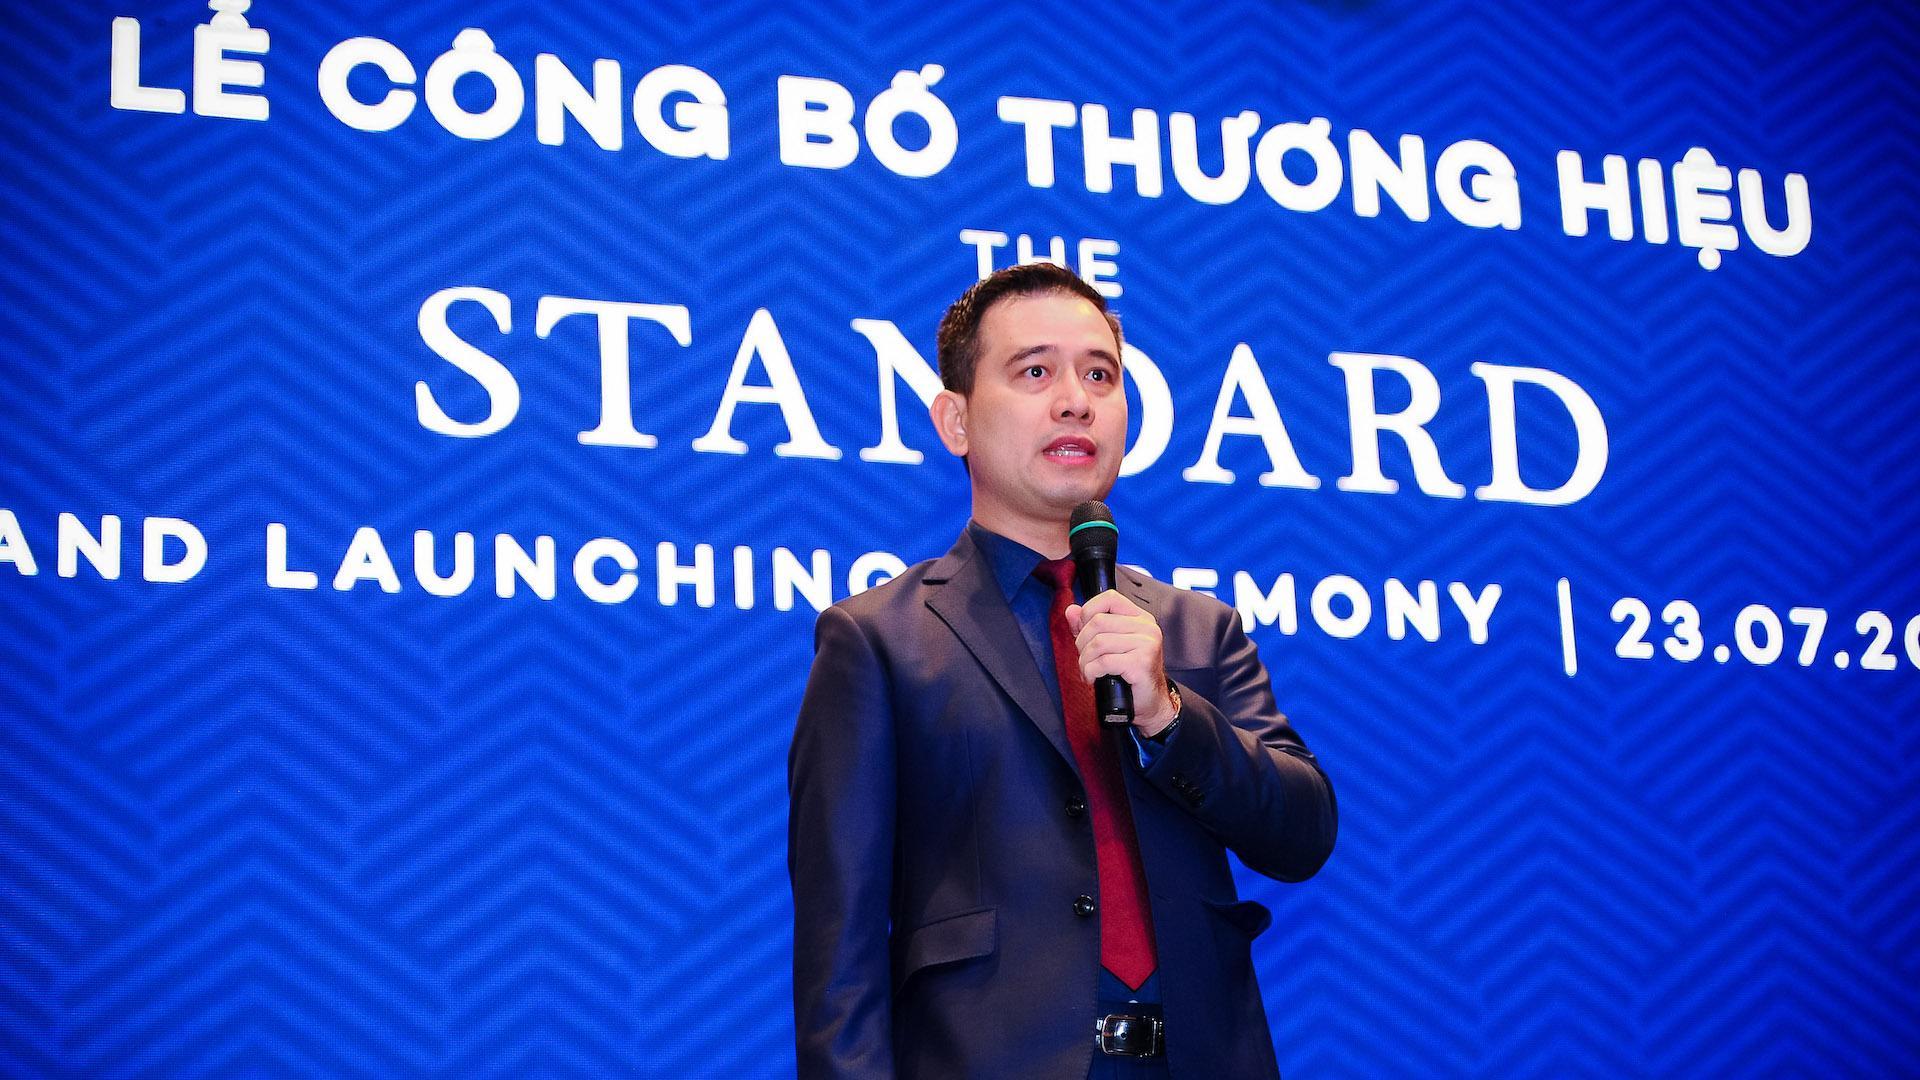 Ông Nguyễn Trung Tín – Phó Chủ tịch HĐQT Tập đoàn Bất động sản An Gia